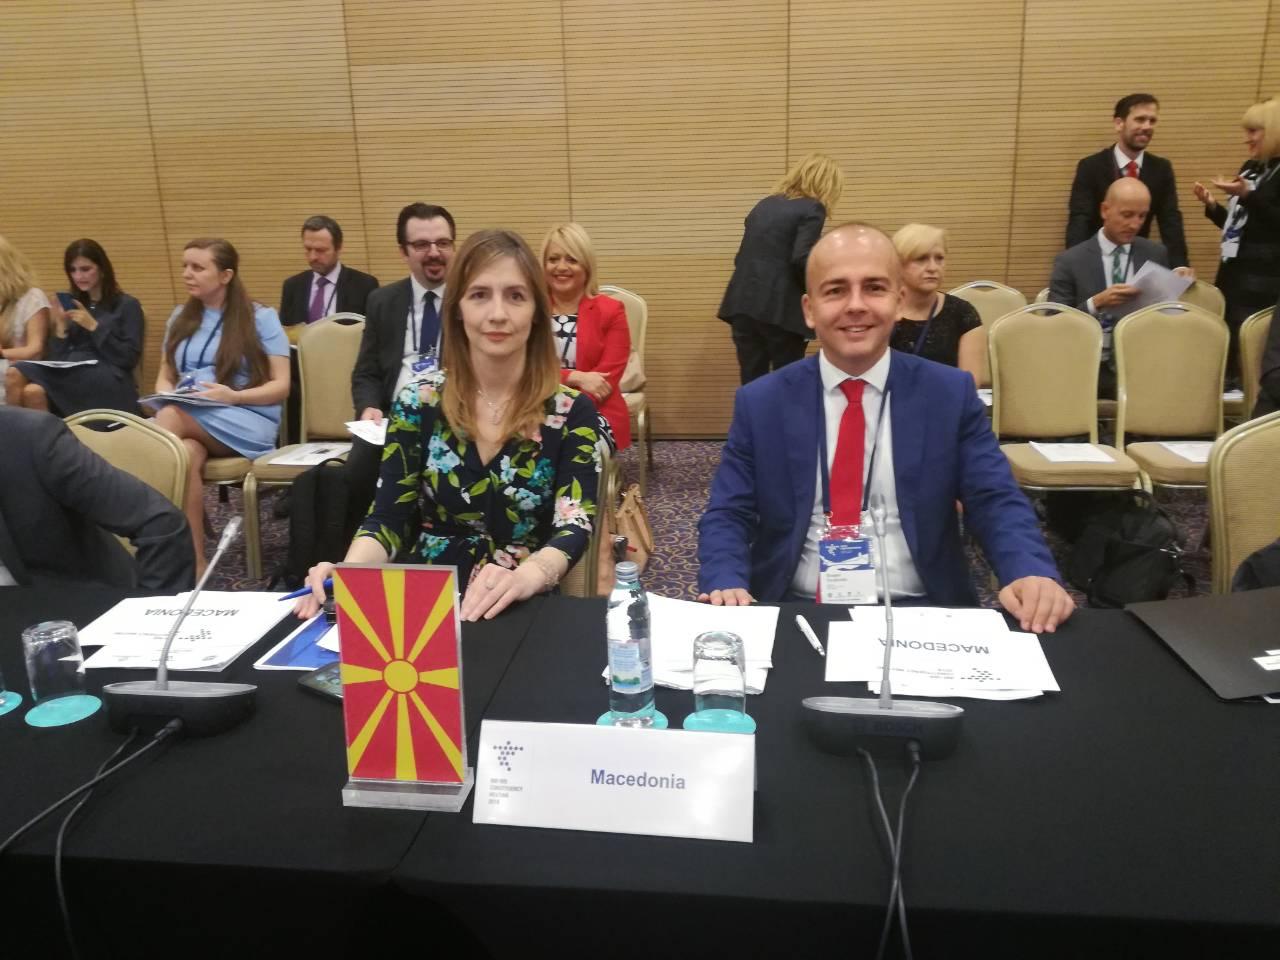 Тевдовски: Преку инвестирање во подобри јавни услуги до одржлив развој